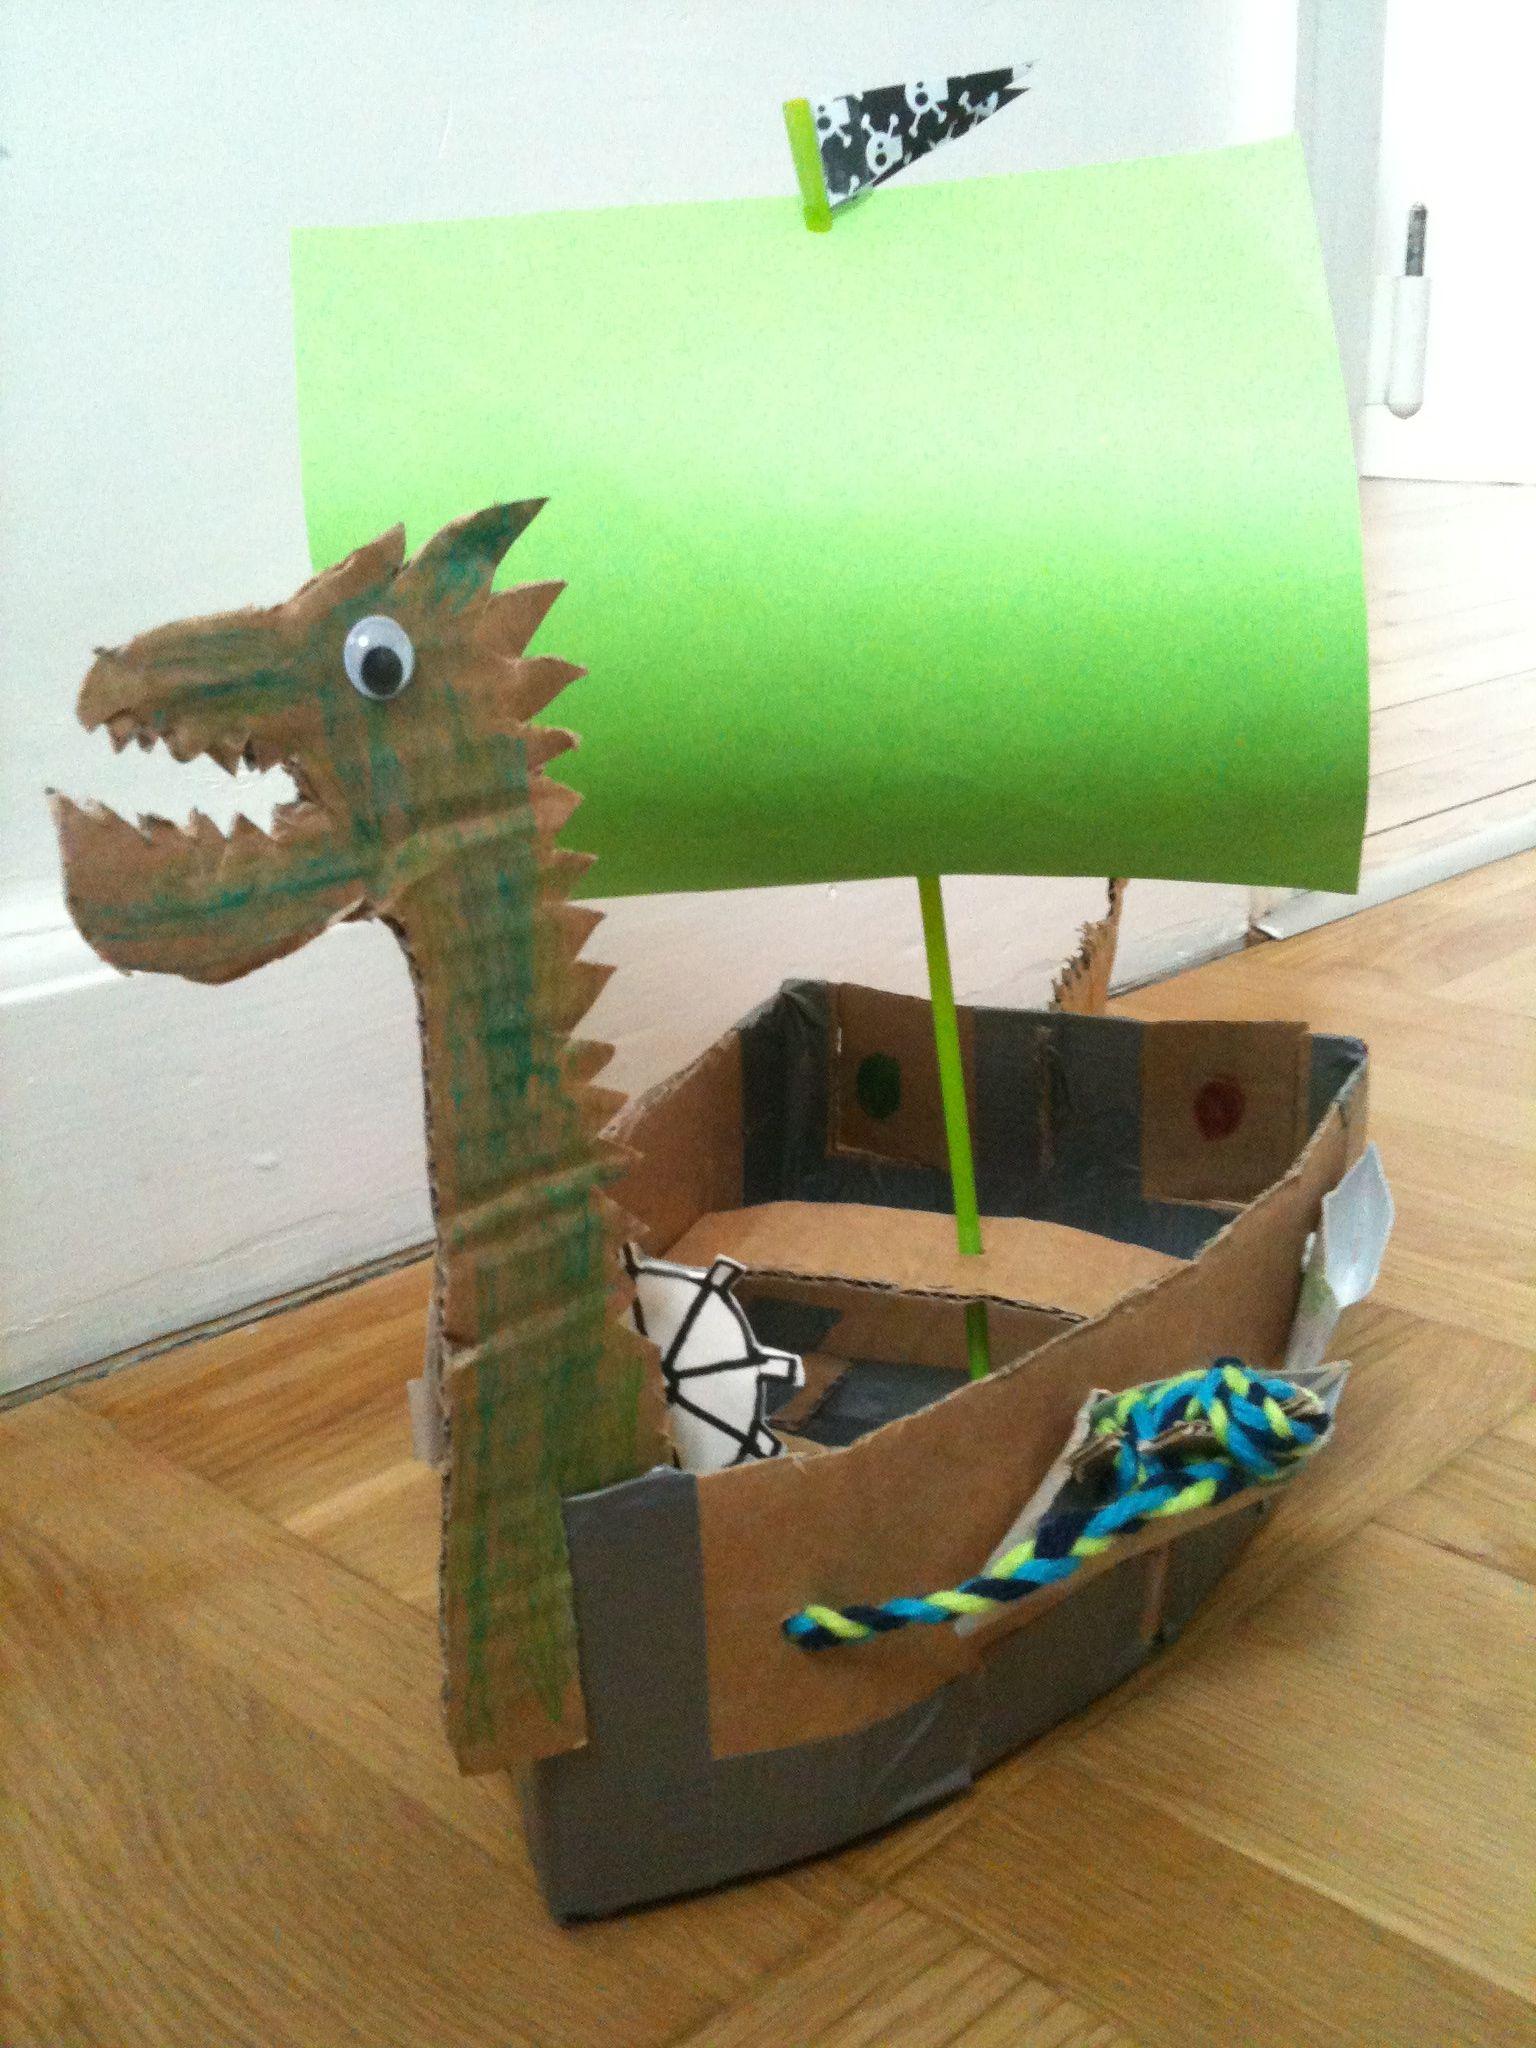 Viking Boat Made Of Cardboard Boat Crafts Viking Ship Art